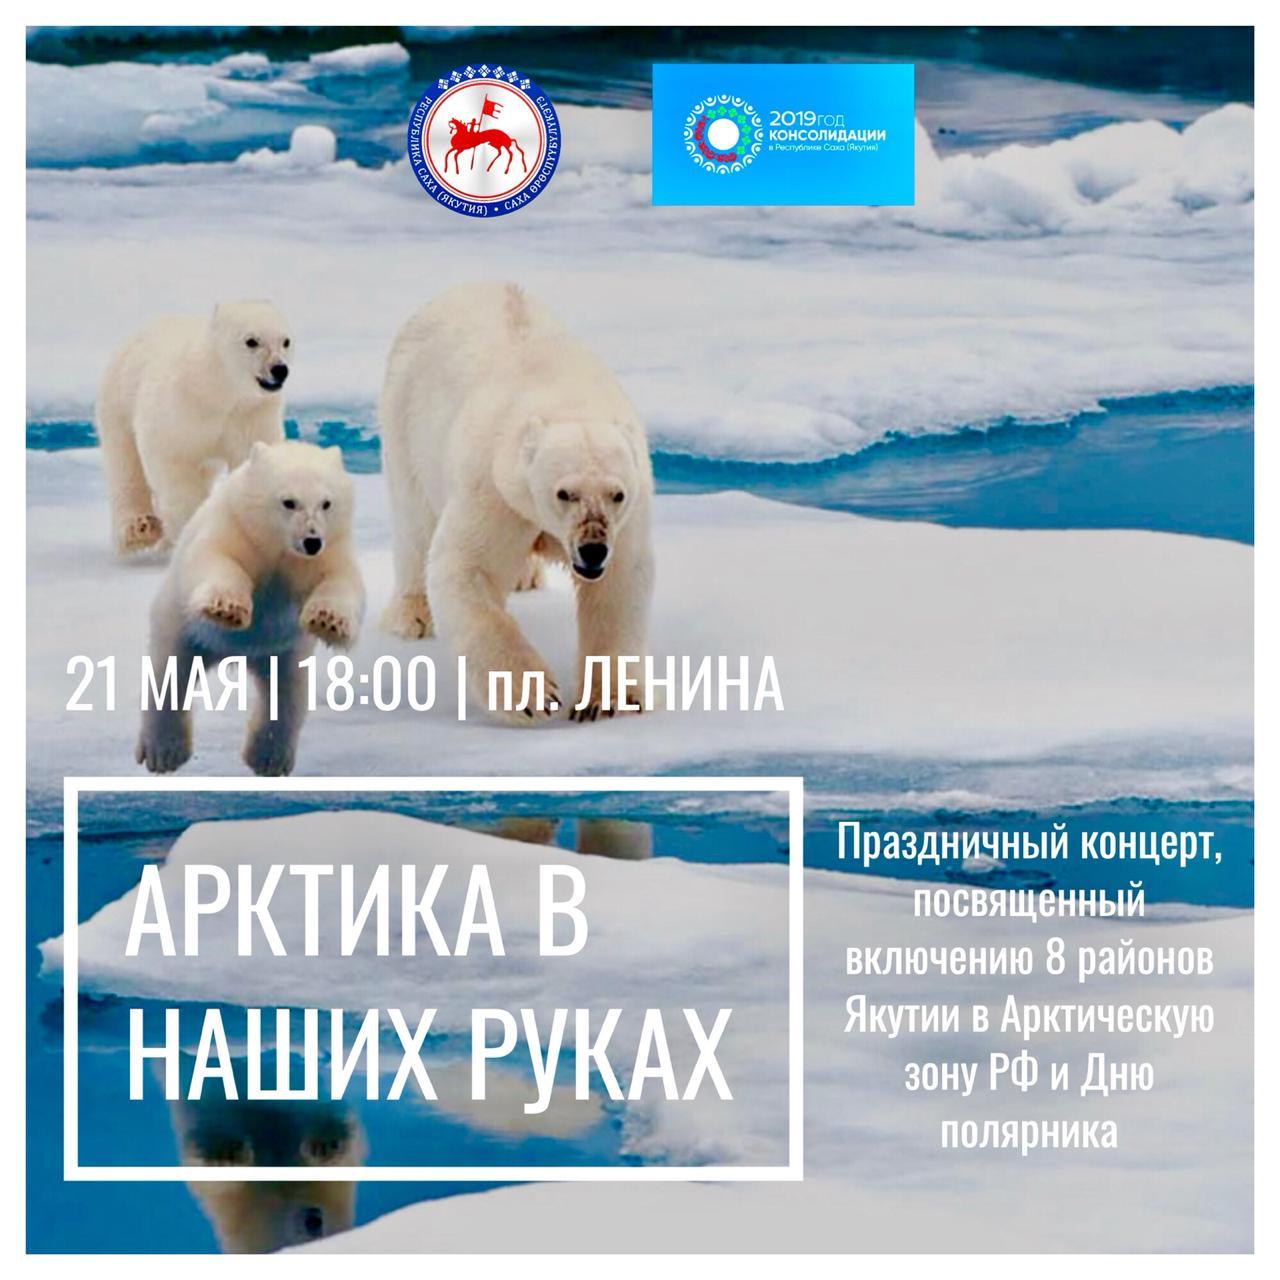 В Якутске пройдут праздничные мероприятия по поводу включения восьми районов Якутии в Арктическую зону РФ